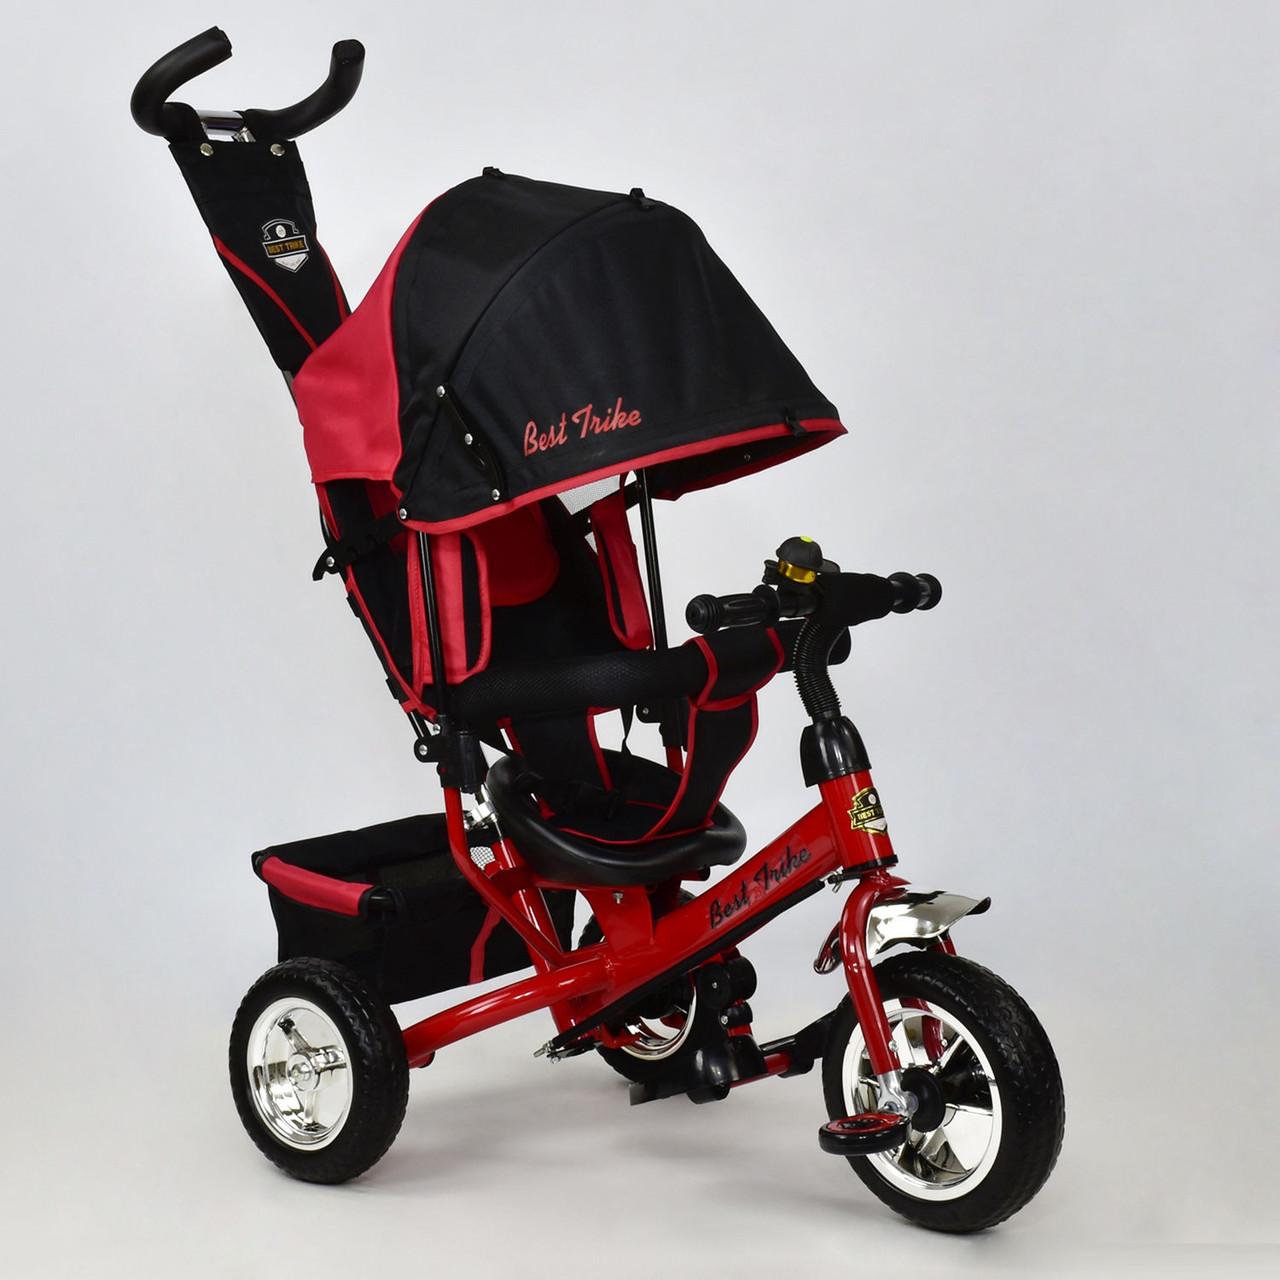 Детский трехколесный велосипед Best Trike 6588-1570 красный (колеса пена)